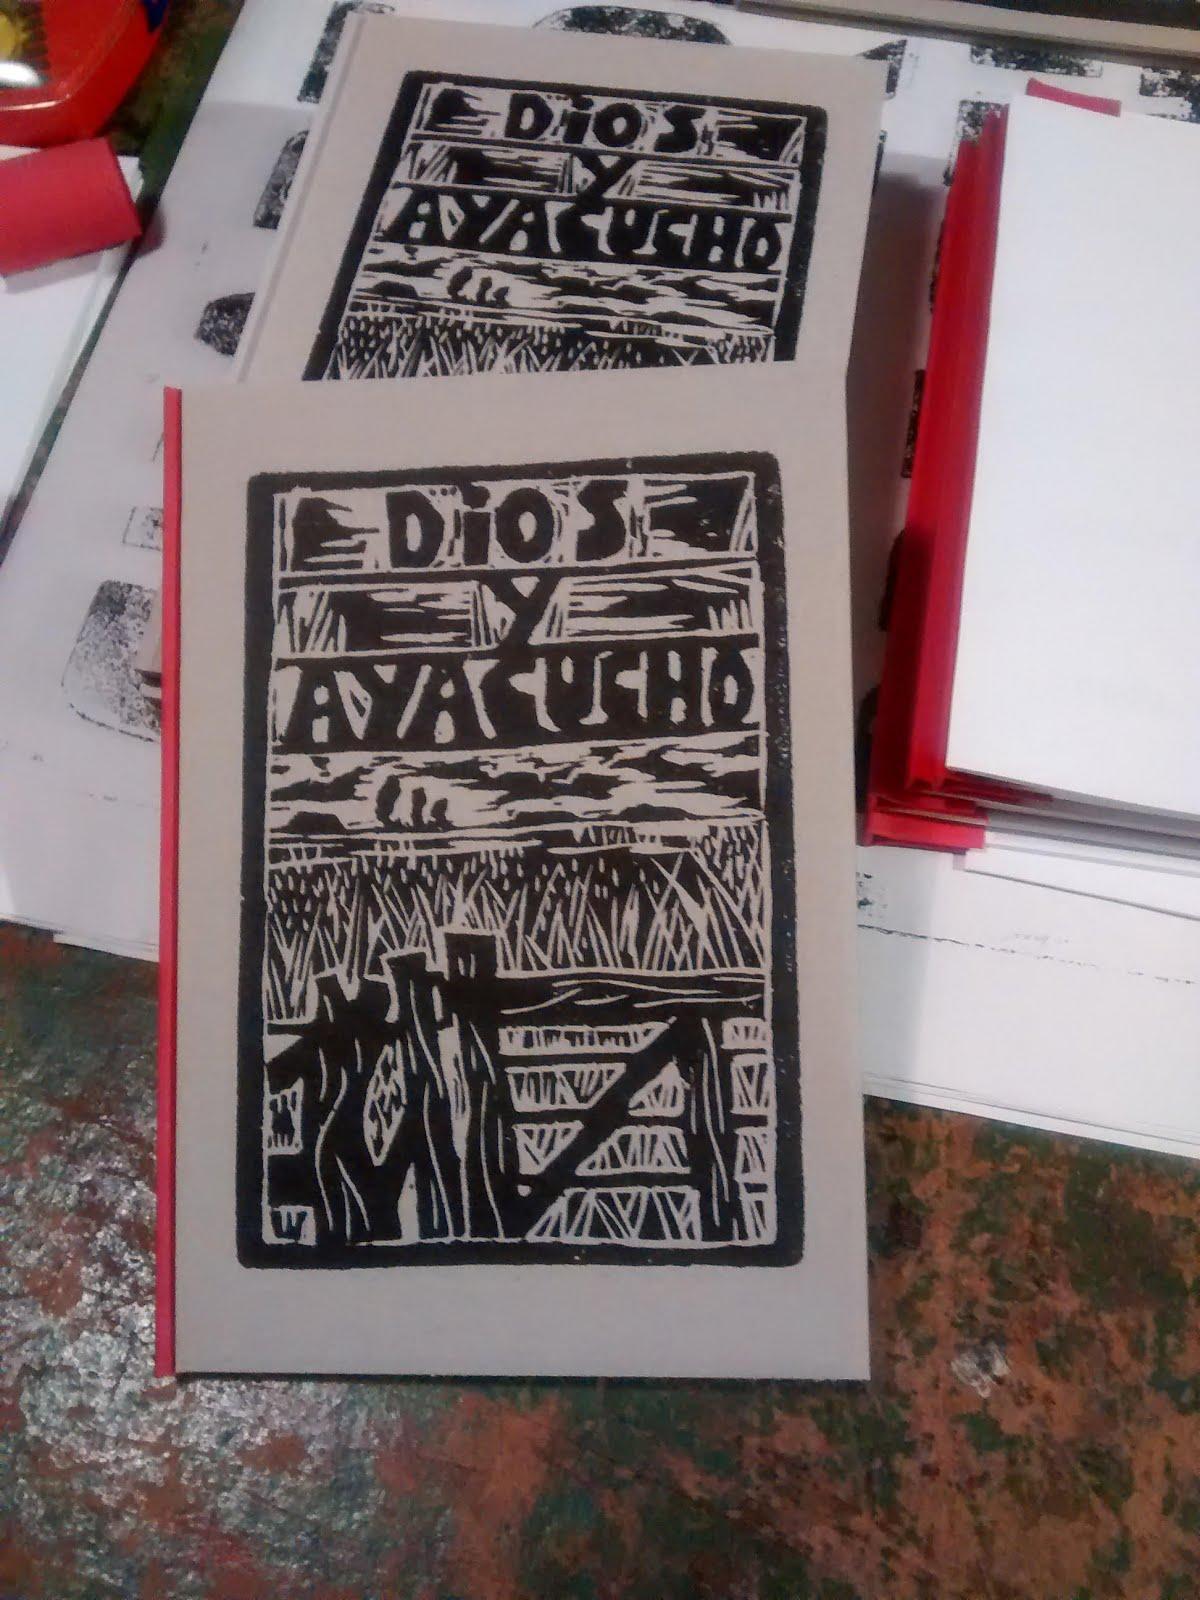 Dios y Ayacucho. Un libro con los versos del blog y un CD de música criolla